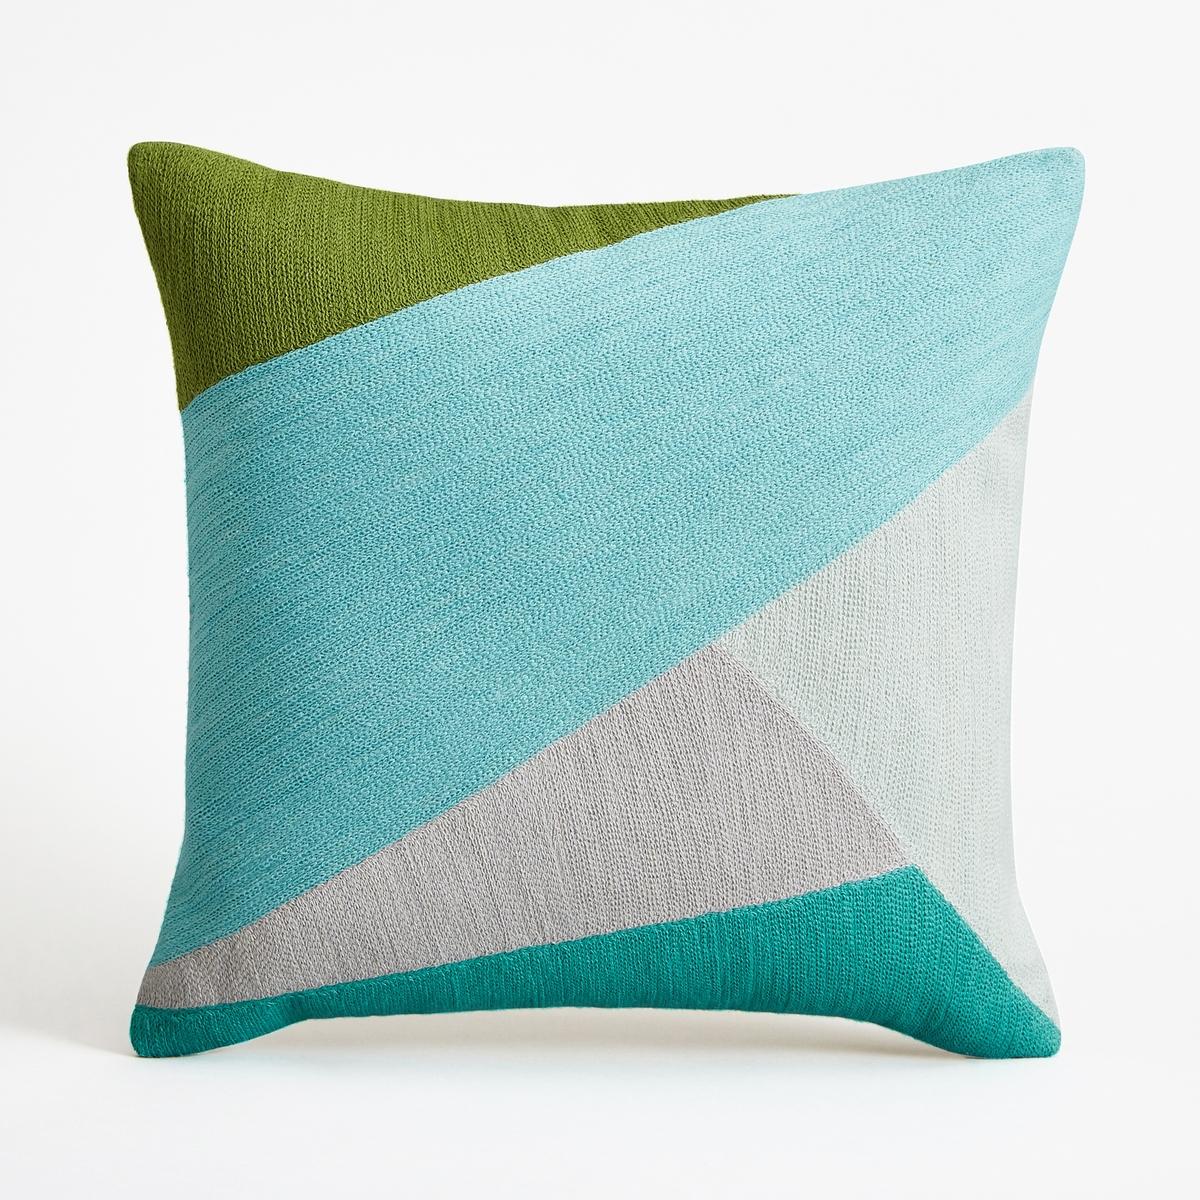 Наволочка на подушку-валик SaddlerНаволочка на подушку-валик Saddler. Вышитый графический рисунок синего, зеленого и серого цветов в виде лоскутов ткани. Однотонная оборотная сторона естественного цвета. Из 100% хлопка, на подкладке. Застежка на молнию наверху. Размеры : 40 x 40 см. Подушка продается отдельно.<br><br>Цвет: бирюзовый